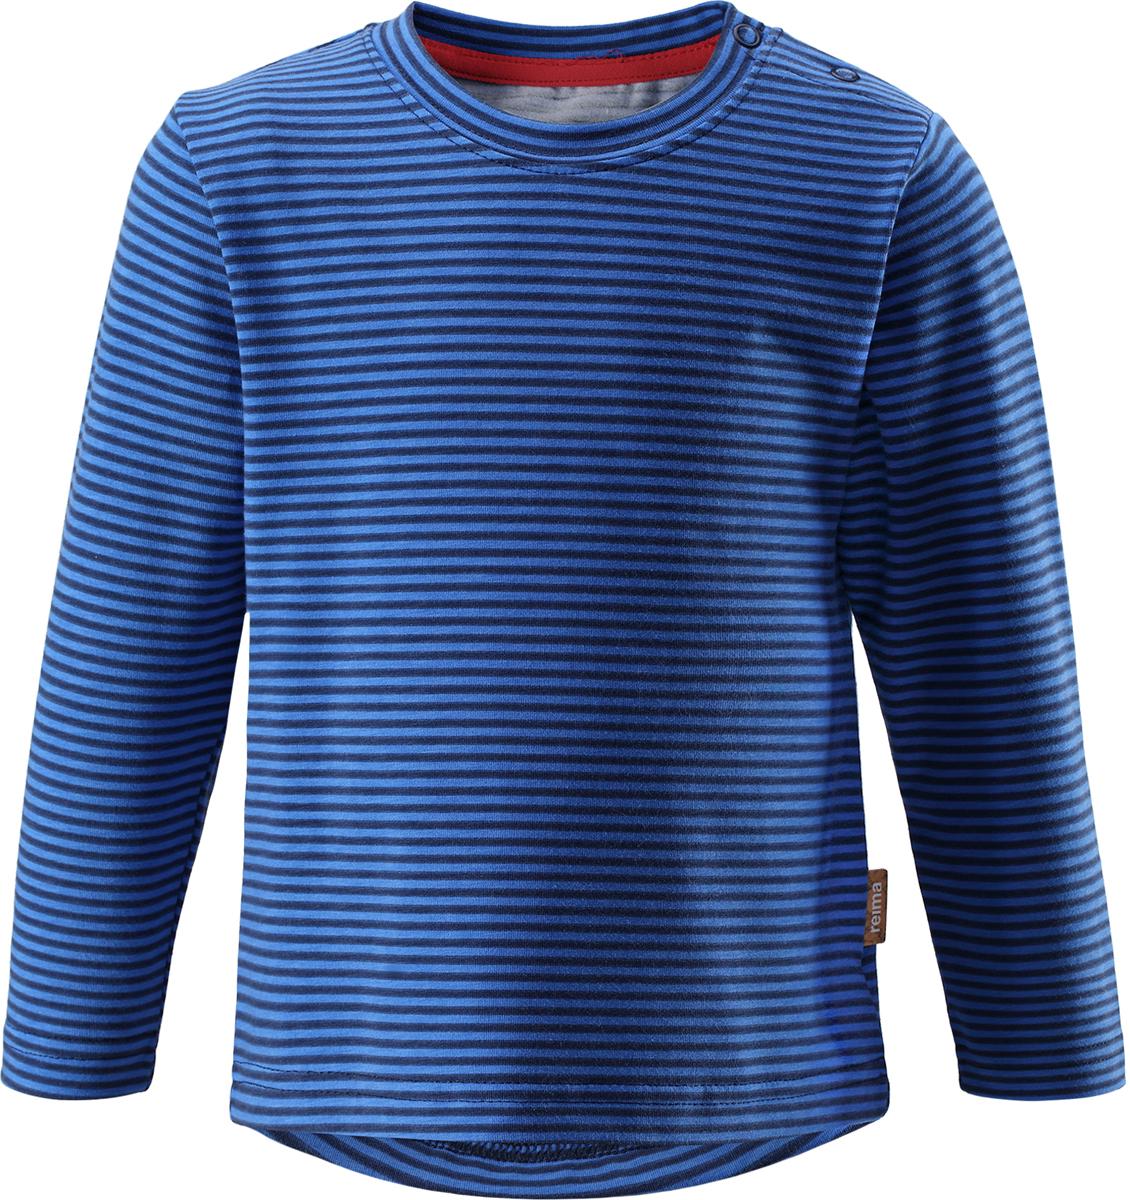 Футболка с длинным рукавом детская Reima, цвет: синий. 5163376984. Размер 1225163376984Детская футболка с длинным рукавом Reima выполнена из хлопка с добавлением полиэстера и эластана. Модель с круглым вырезом горловины оформлена принтом в полоску. С одной из боковых сторон вдоль линии плеча расположены застежки-кнопки.